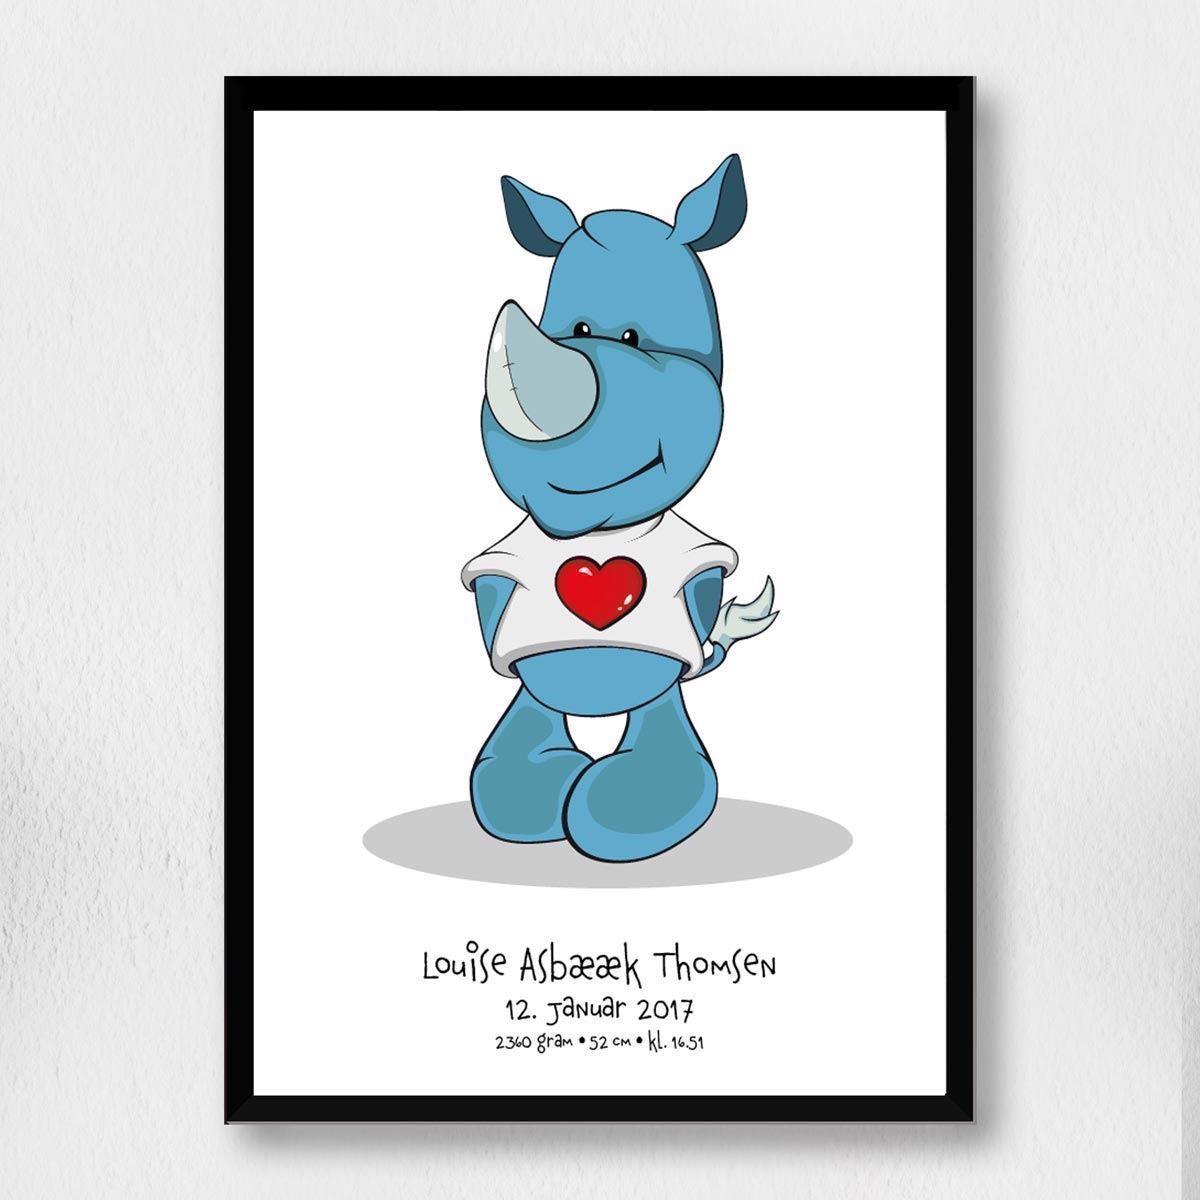 Billede af Fødselsplakat | Cartoon-Næsehorn A3